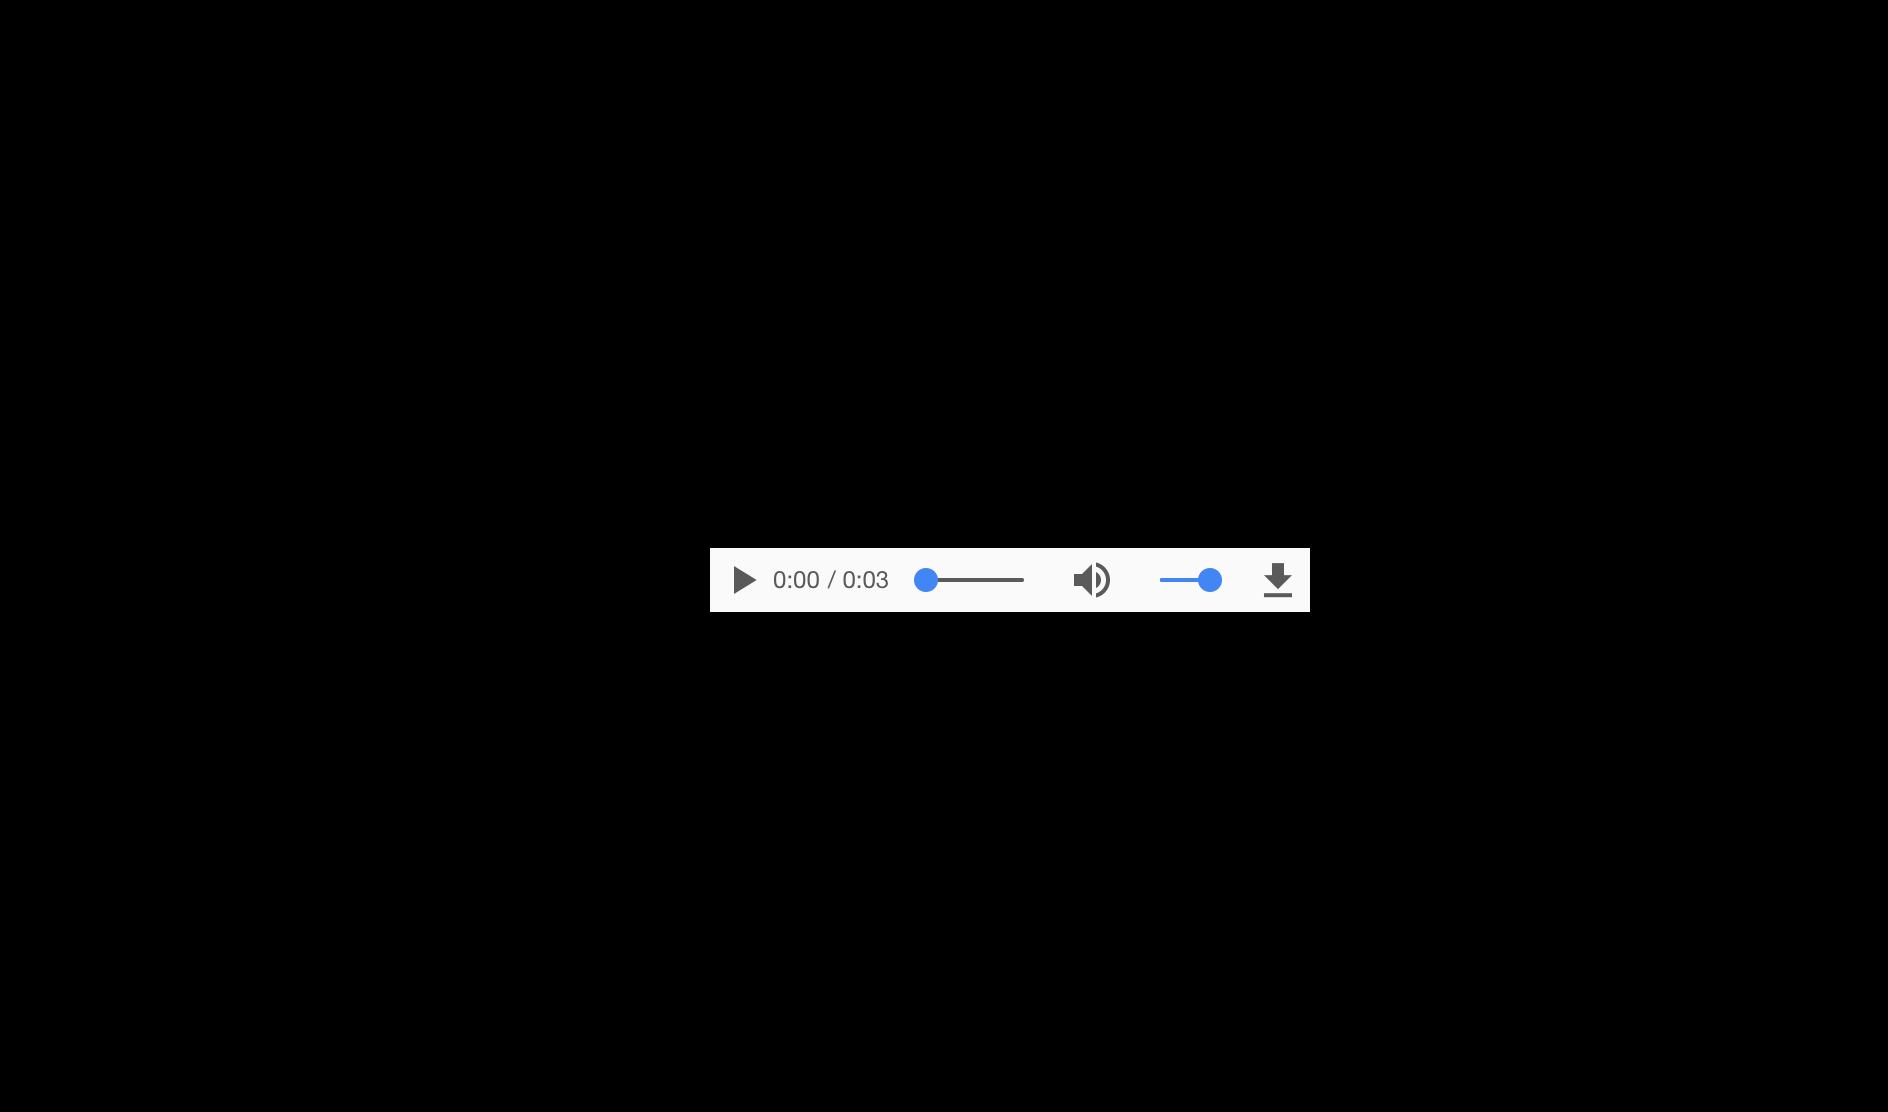 nodejs steam Readable not work · Issue #866 · fluent-ffmpeg/node